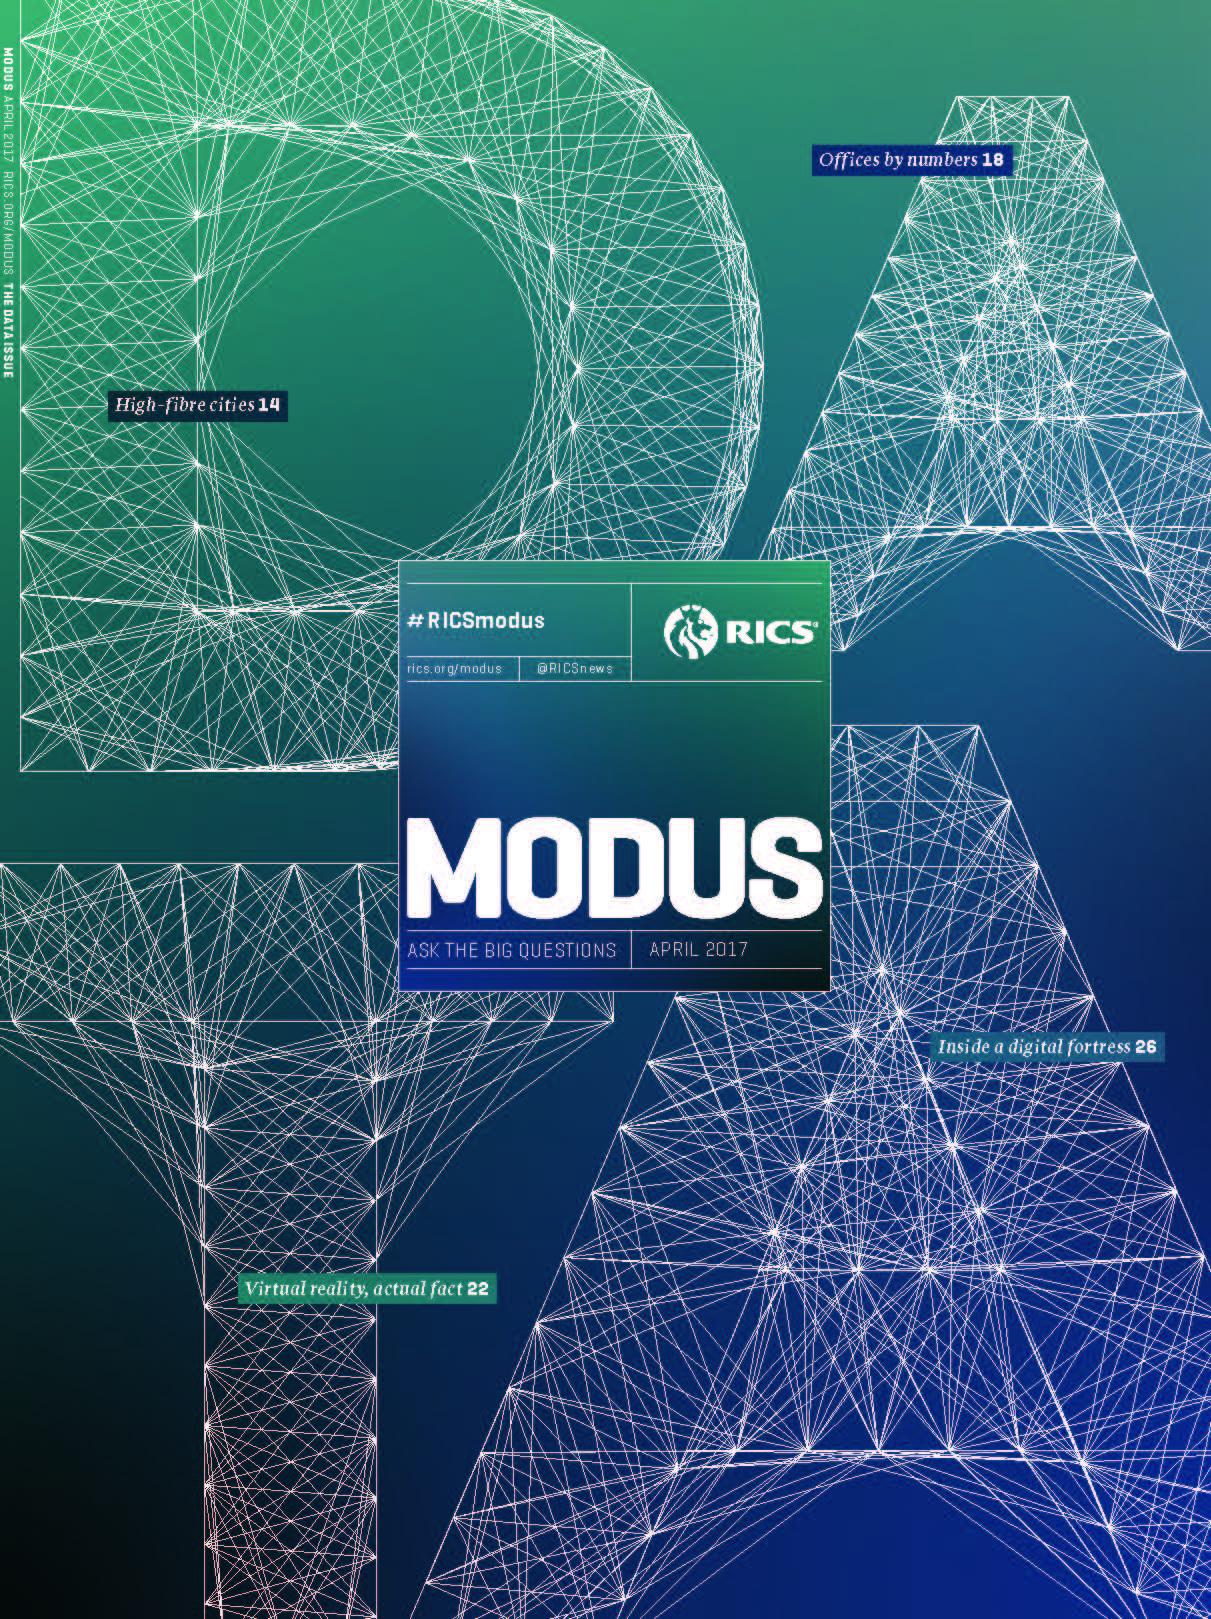 Modus_April 2017 cover